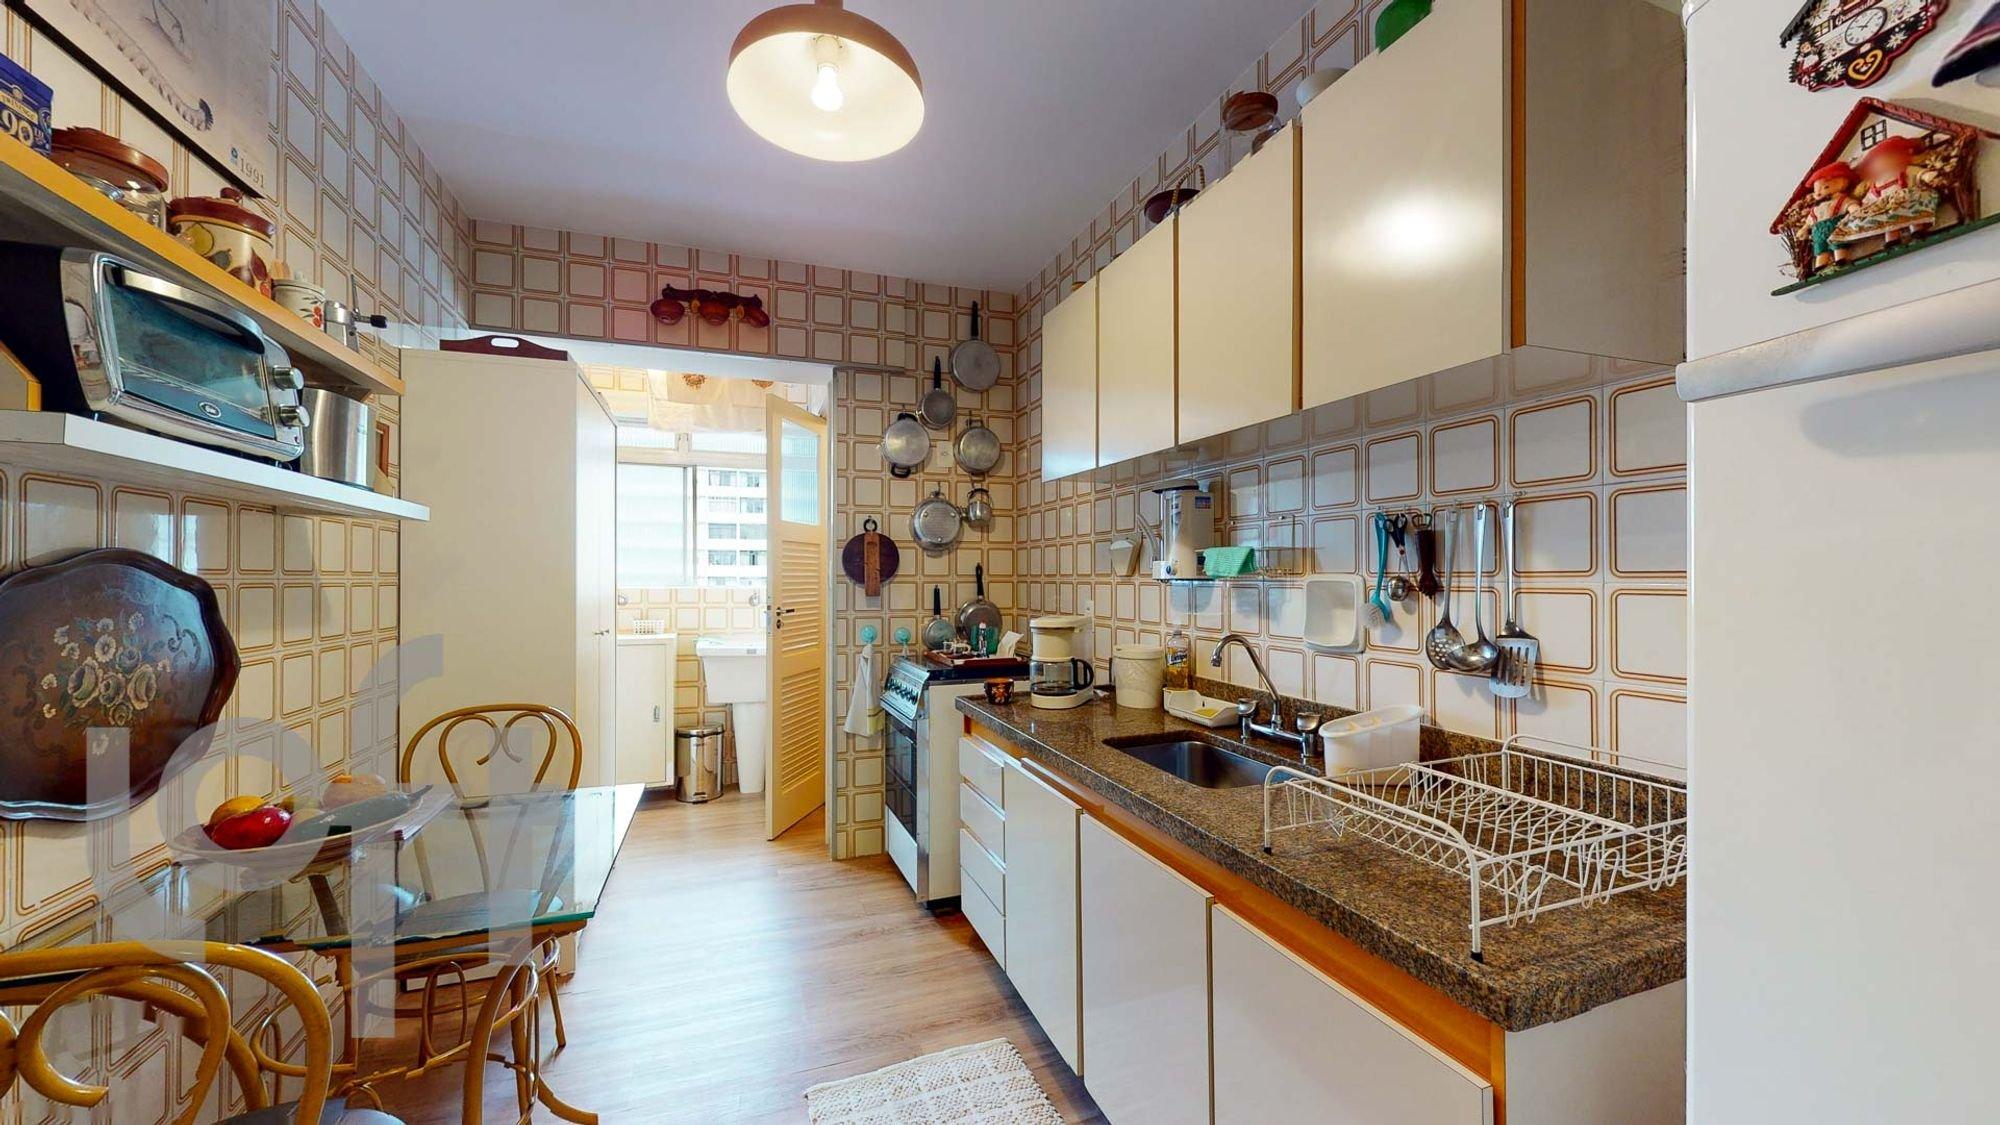 Foto de Cozinha com tigela, cadeira, pia